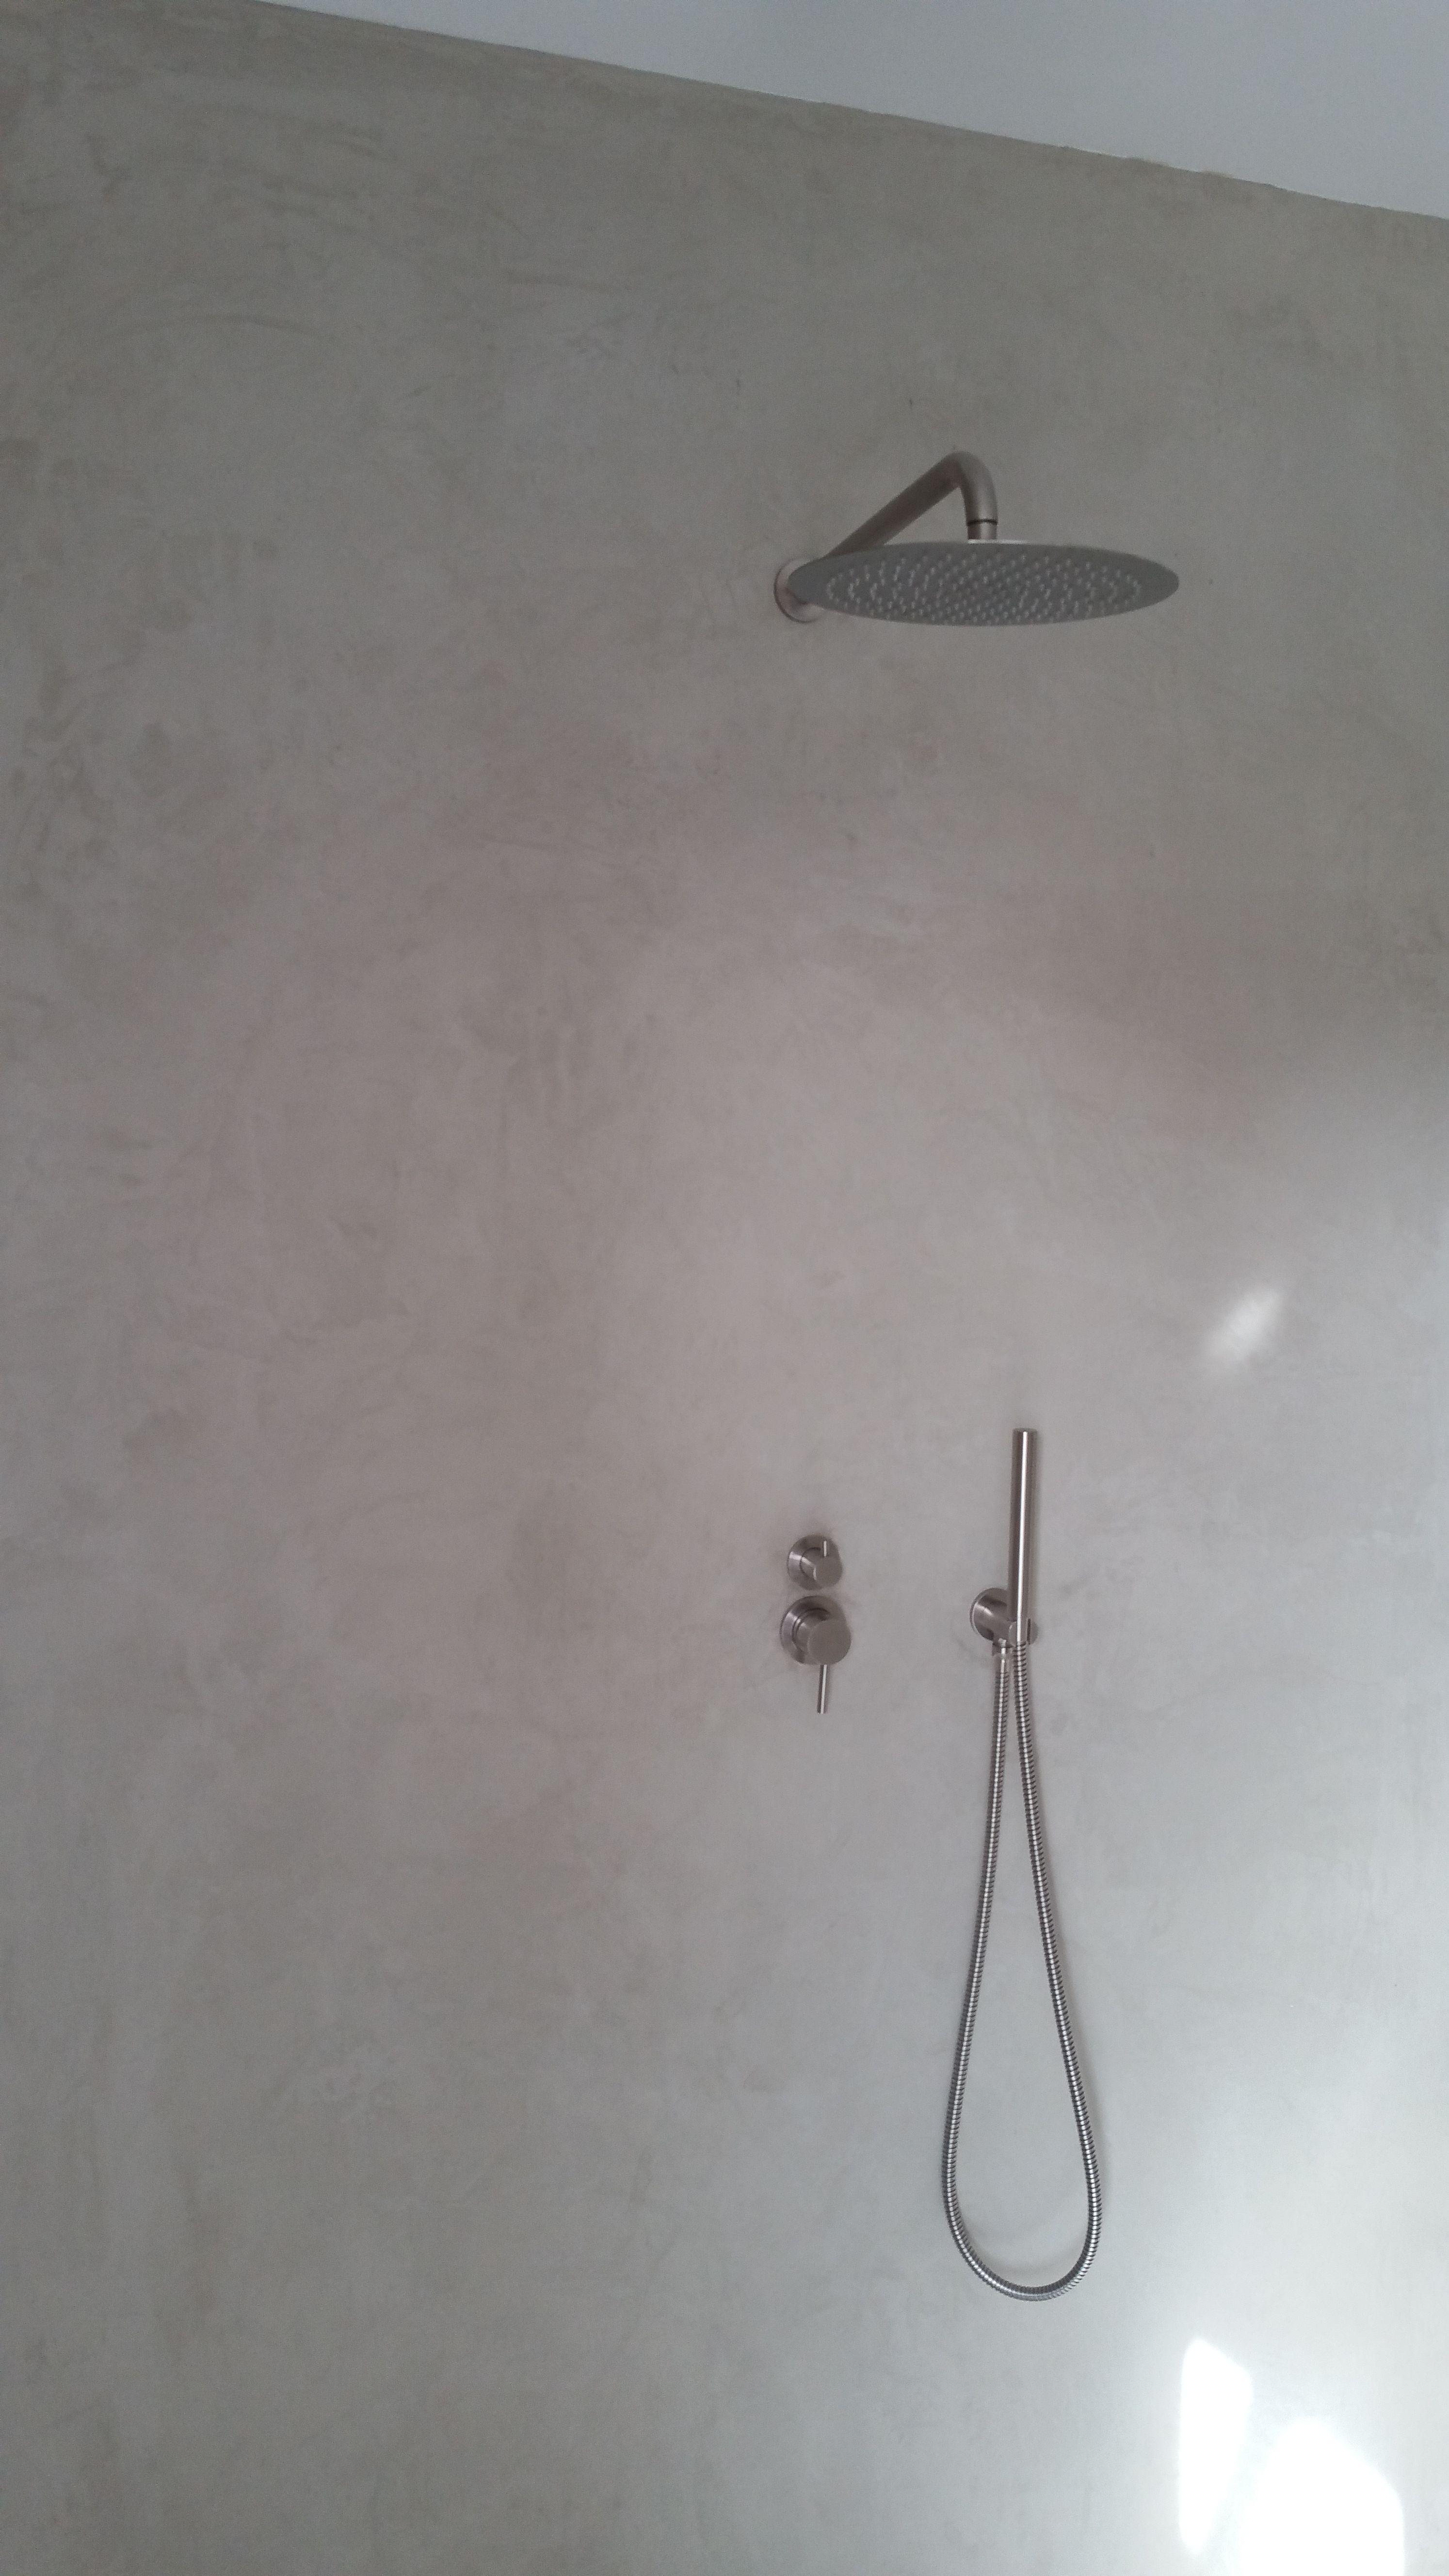 Mikrozement Bad Ohne Fliesen Sogar Im Duschbereich Auf Der Suche Nach Alternativen Fur Ihr Badezimmer Rufen Sie Uns Badezimmer Fliesen Fliesen Bad Fliesen